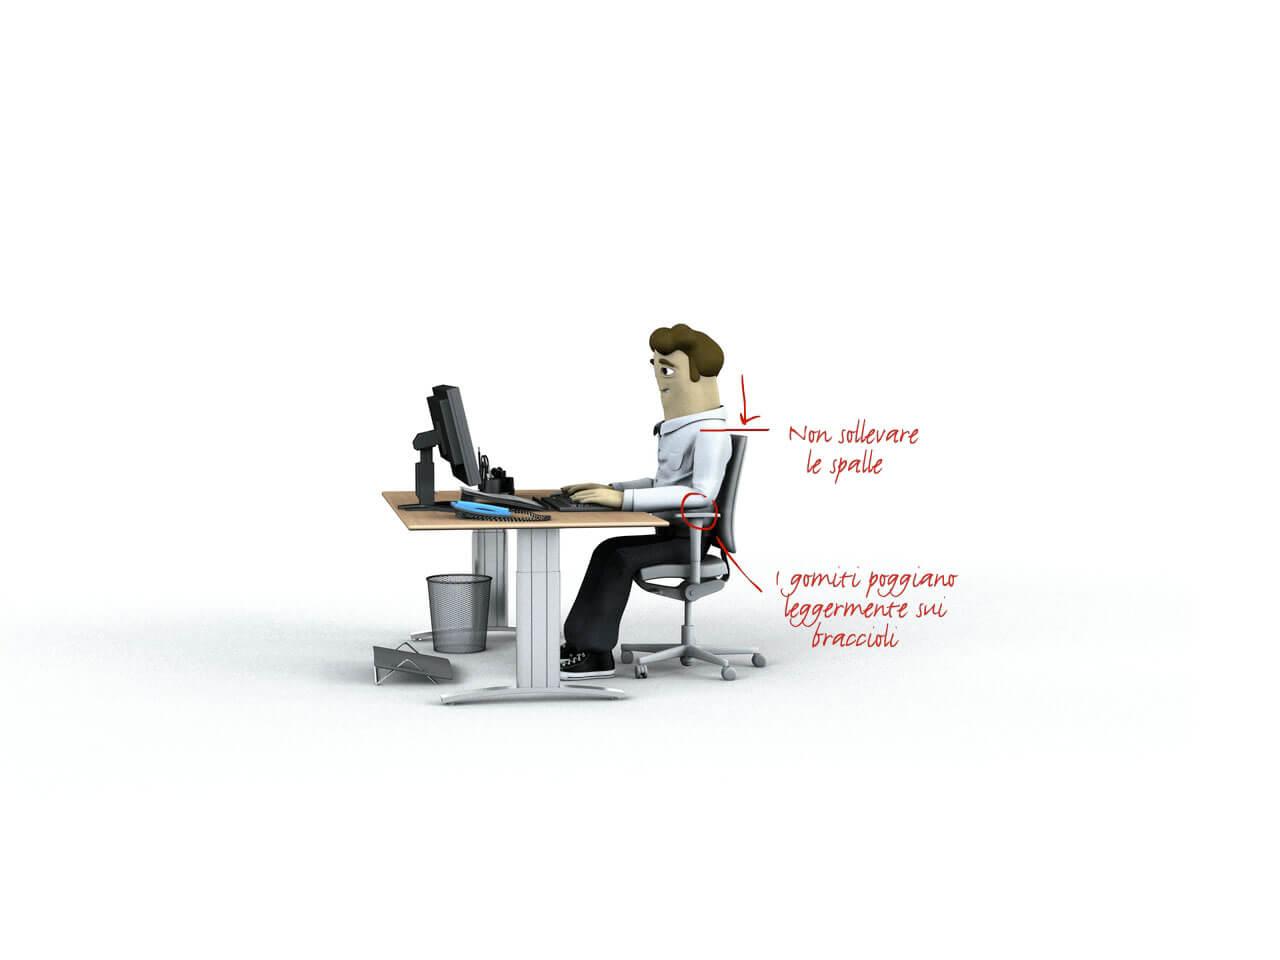 Box cfsl braccioli ergonomia del posto di lavoro - Ergonomia sedia ...